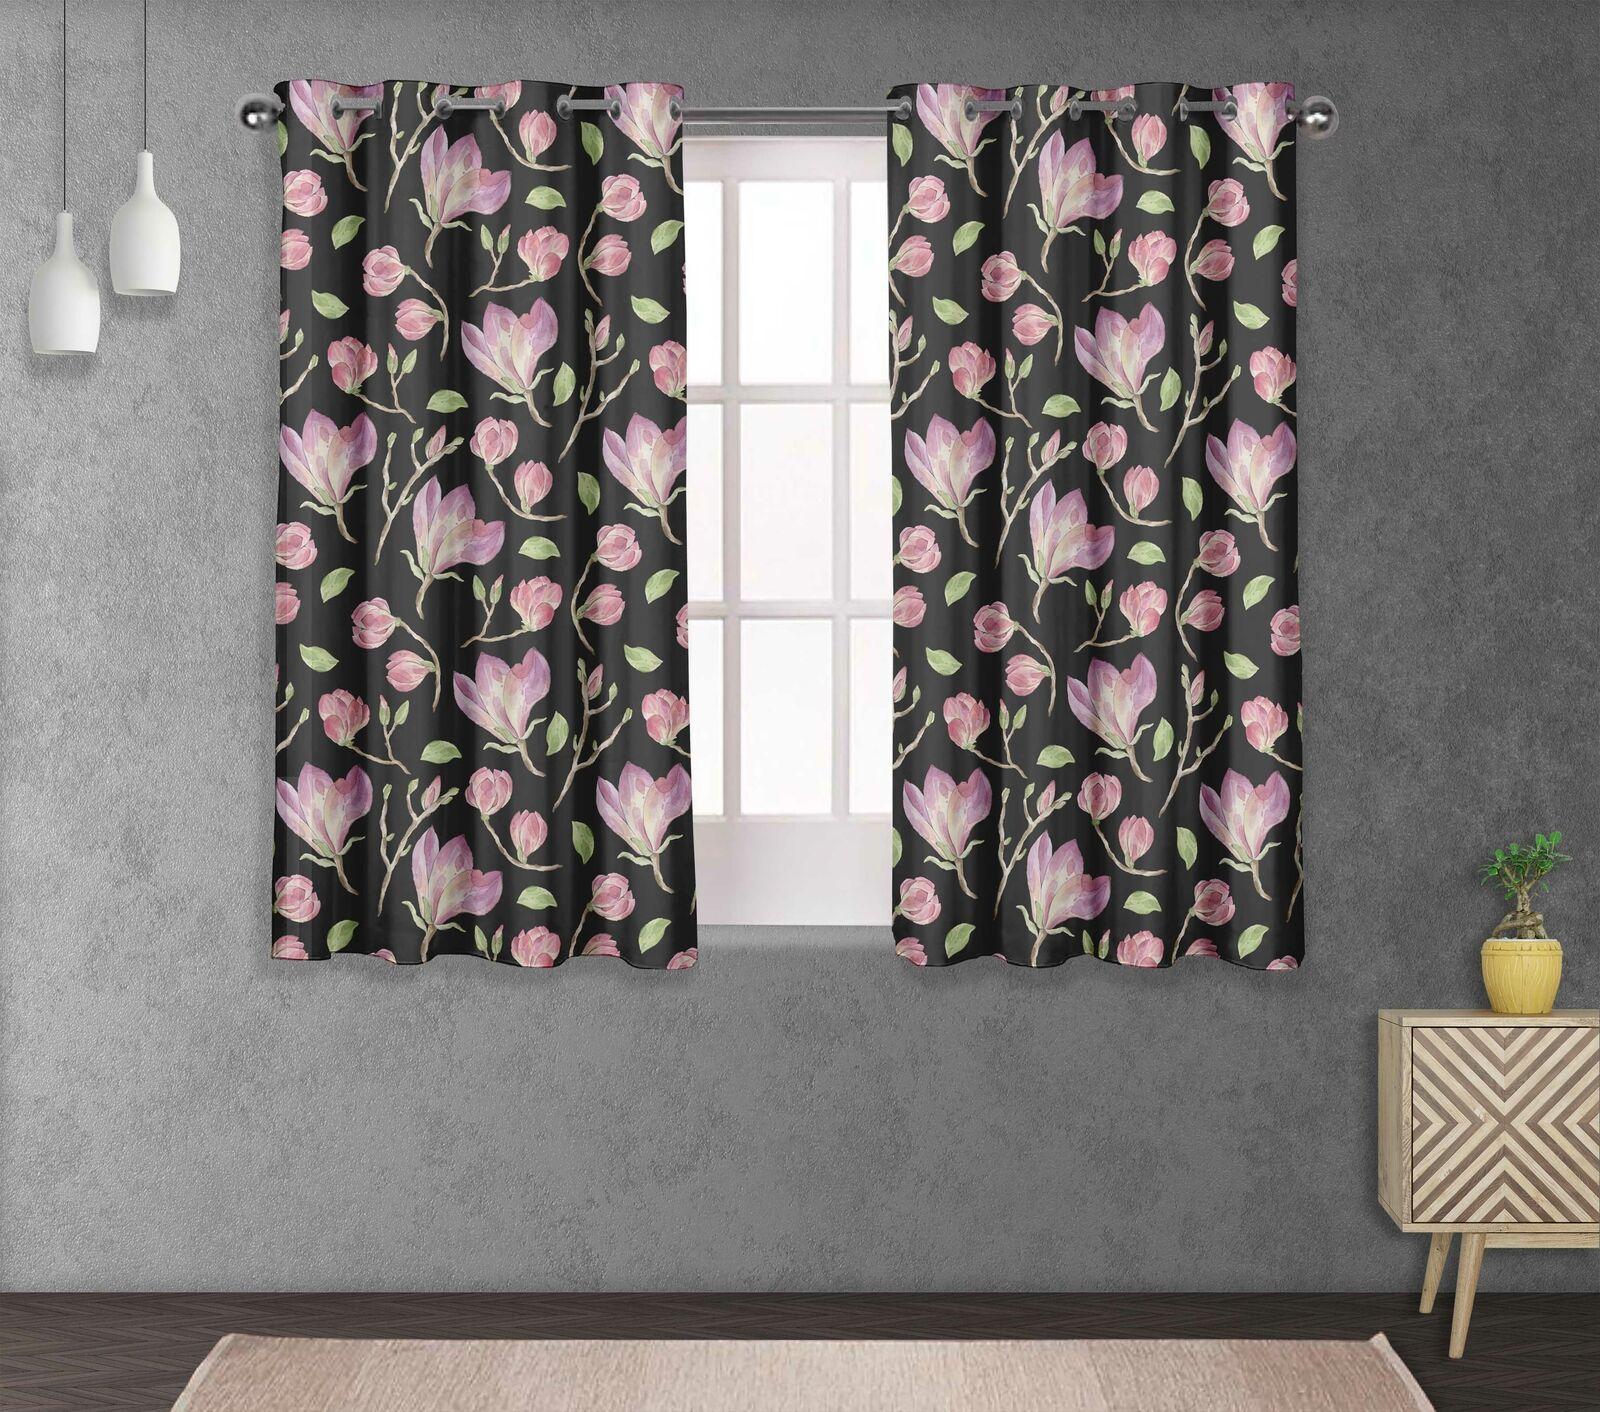 S 4 Sassy Hojas & Magnolia Cama divisores de habitación Panel de cortina corta y larga-FL-855D